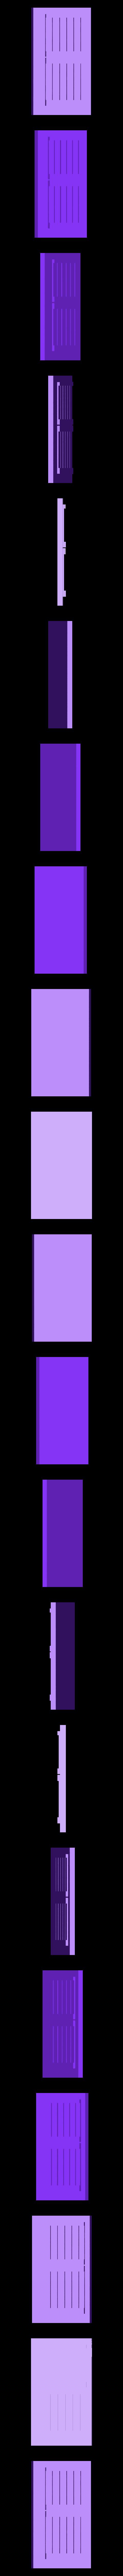 t_terr_door1a_1.stl Télécharger fichier STL gratuit Ripper's London - Maisons à haute hauteur • Design pour imprimante 3D, Earsling